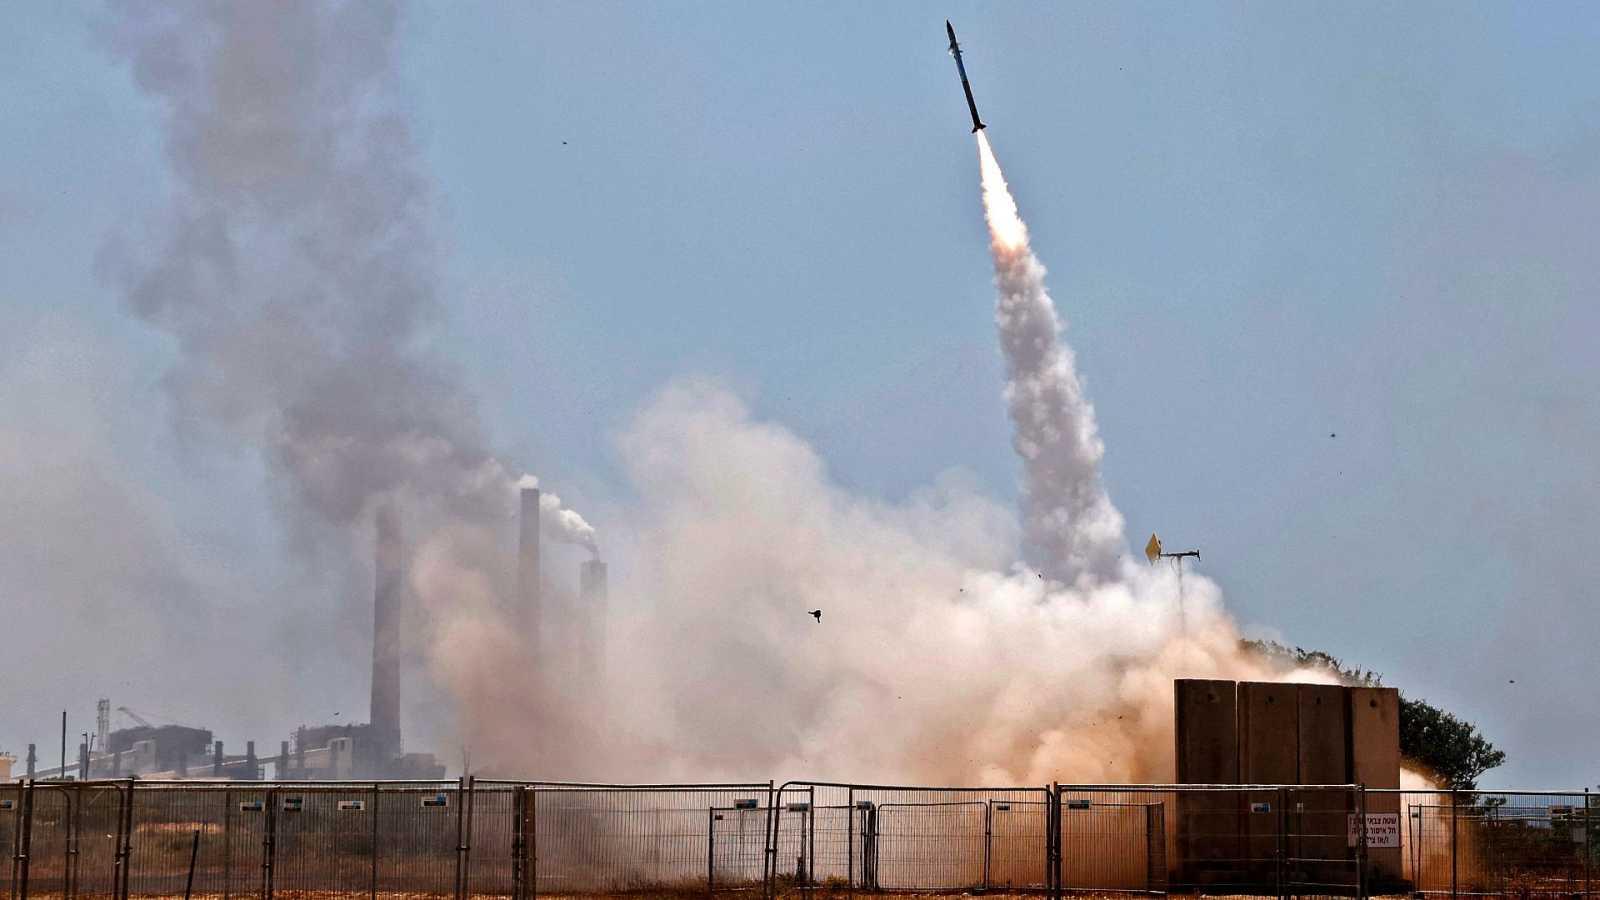 El sistema de defensa antiaéreo de Israel Cúpula de Hierro